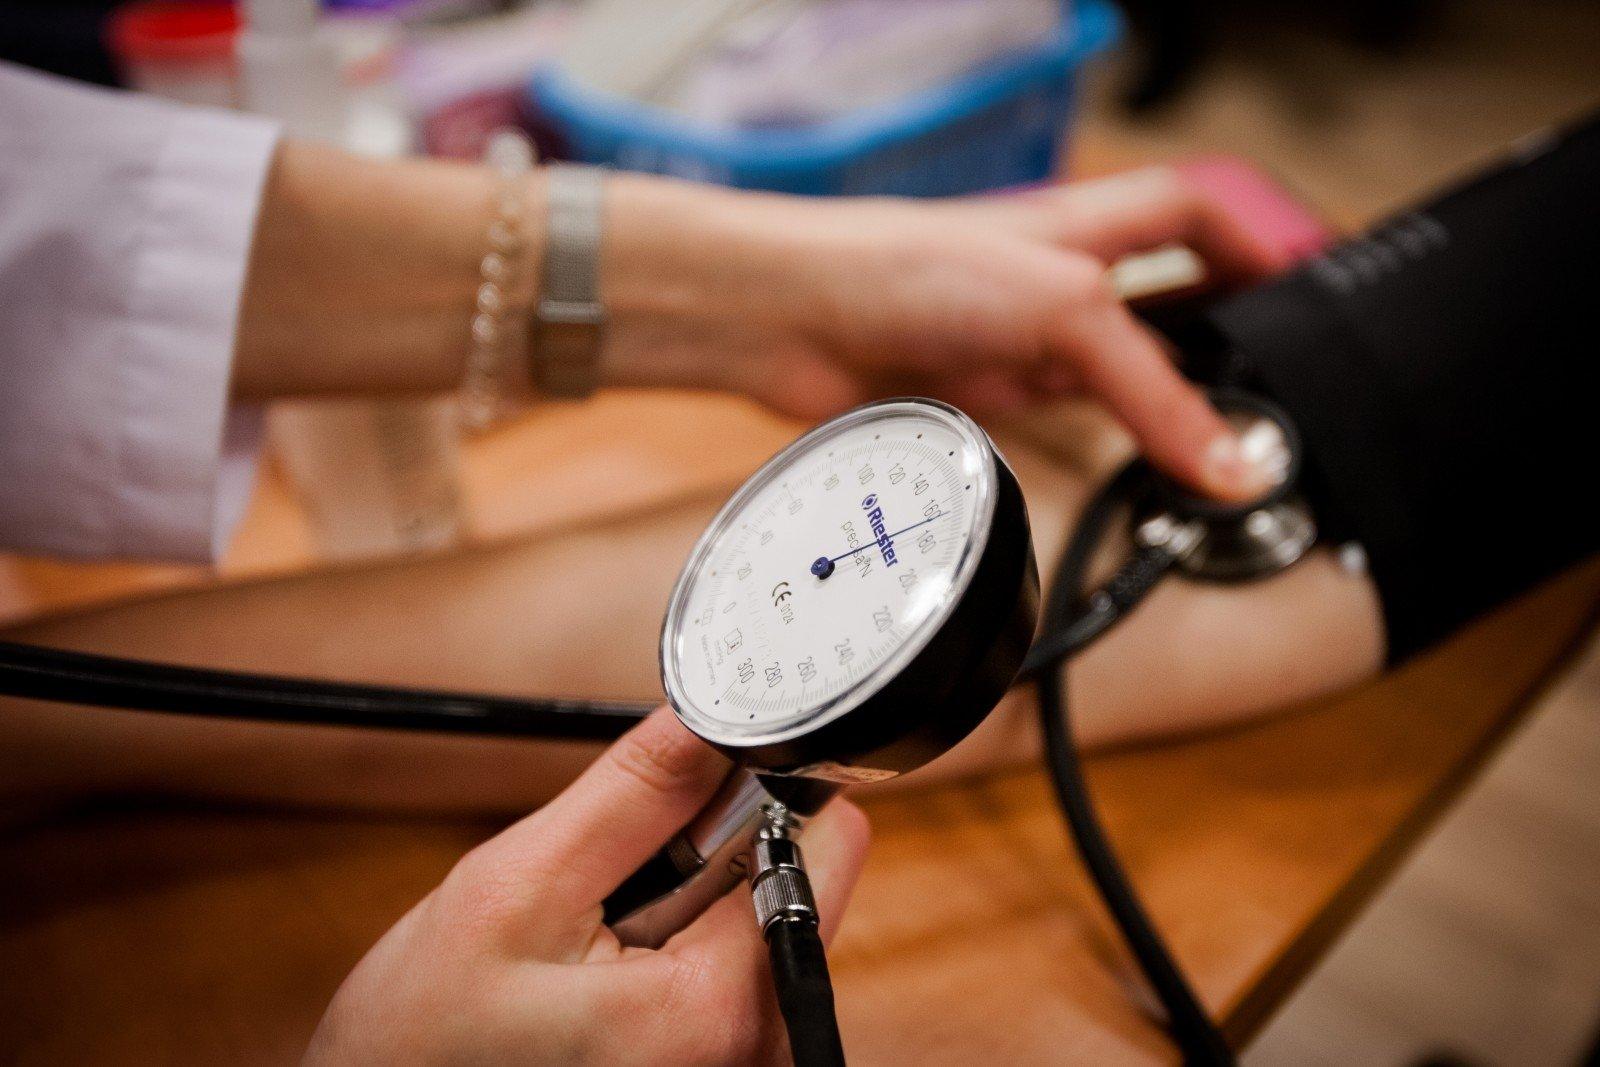 ką jie geria su hipertenzija kokius prieskonius galima vartoti esant hipertenzijai